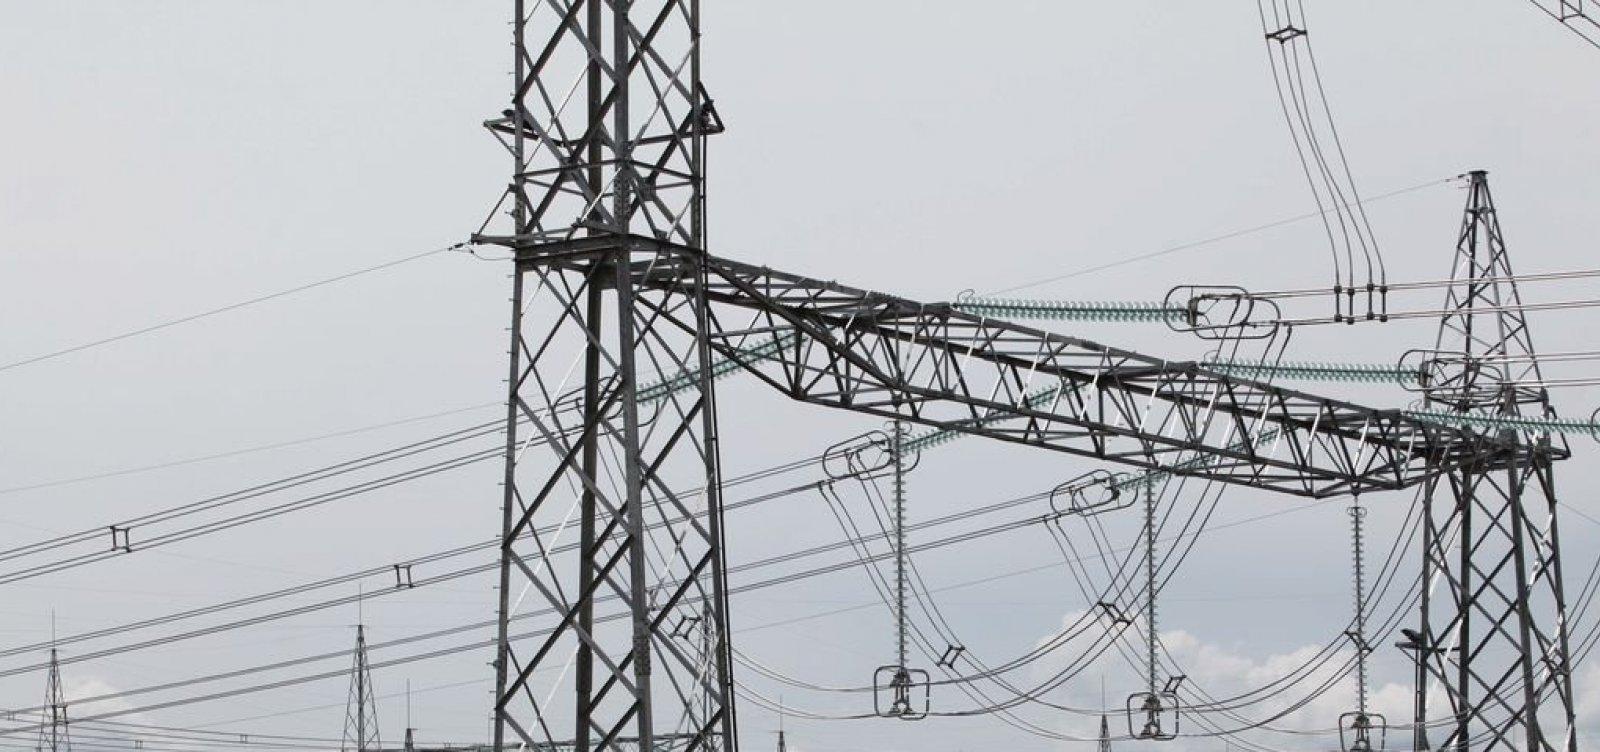 [Governo volta a permitir corte de energia por falta de pagamento]